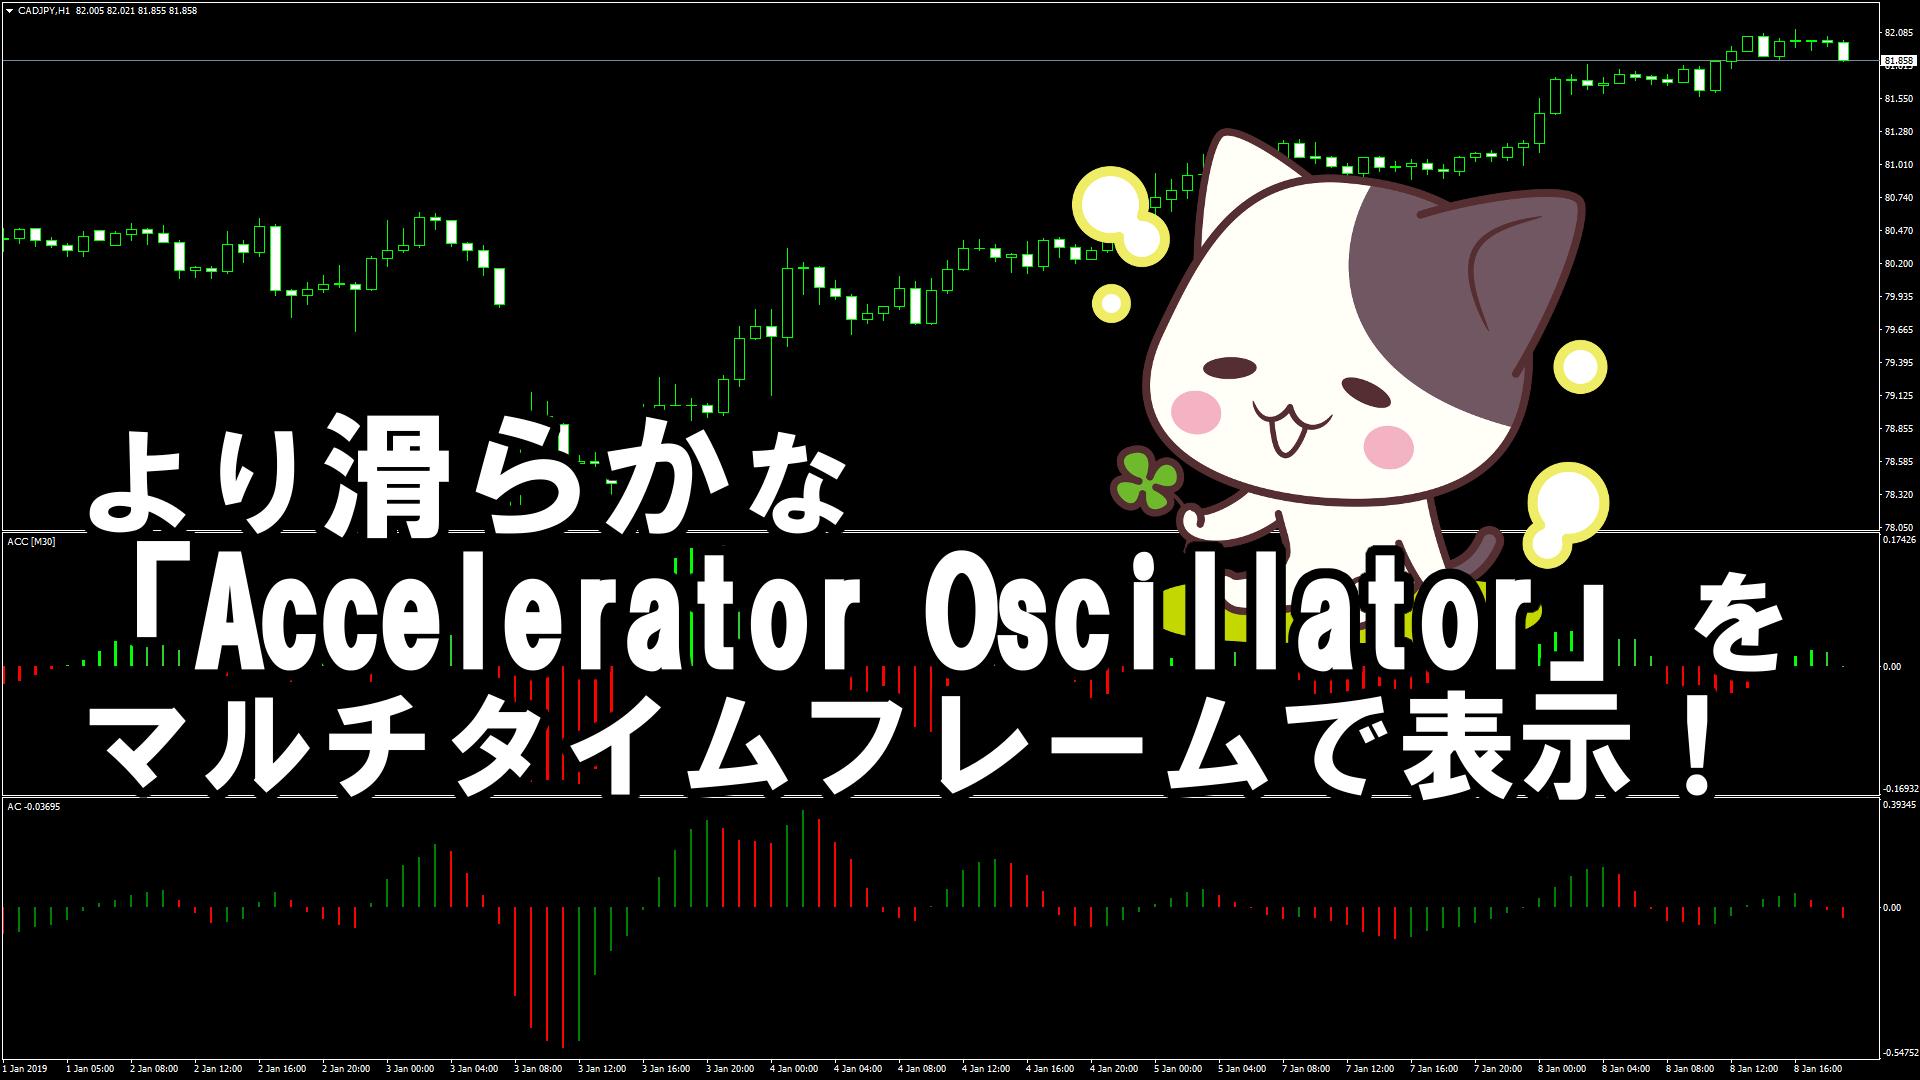 より滑らかな「Accelerator Oscillator」を表示するMTF対応のMT4インジケーター『Accelerator_4cM_mtf』